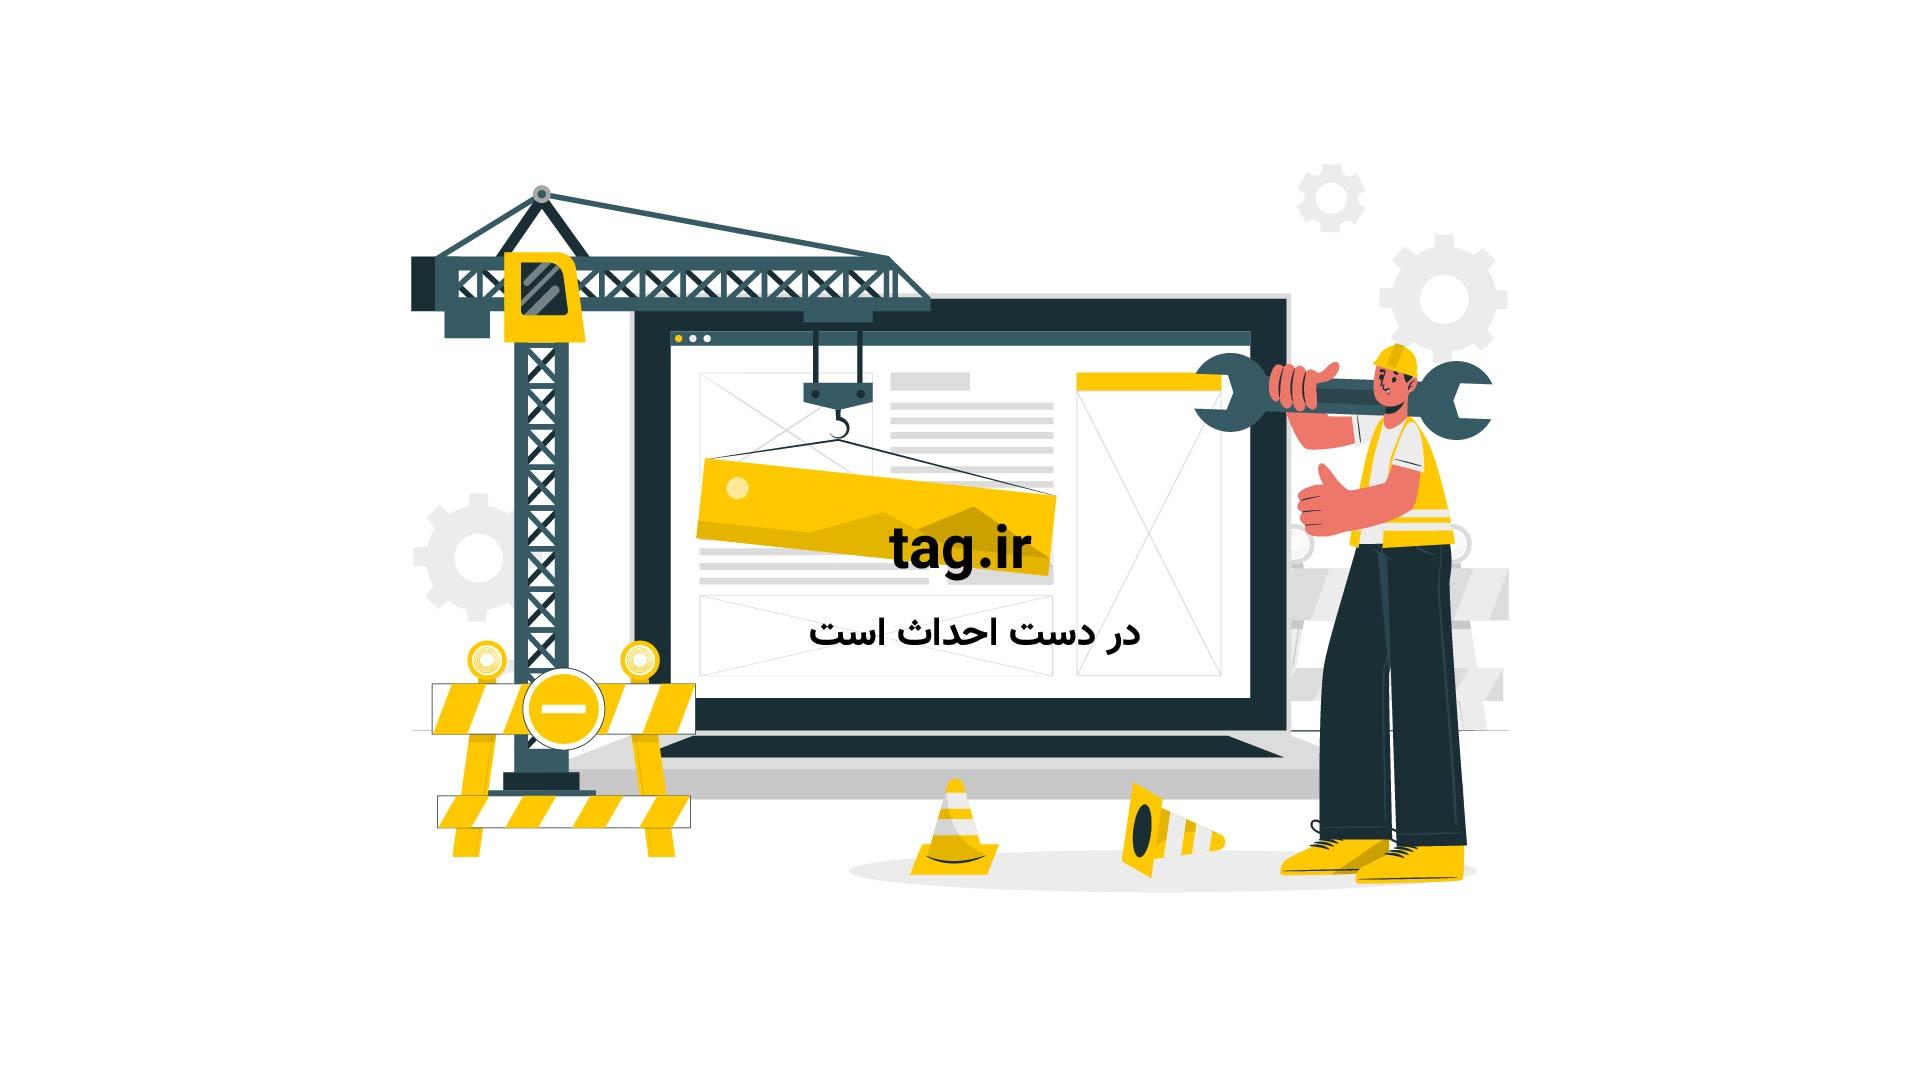 مرکز تحقیقات تست تصادف ولوو یکى از ایمن ترین خودروسازهاى جهان | فیلم